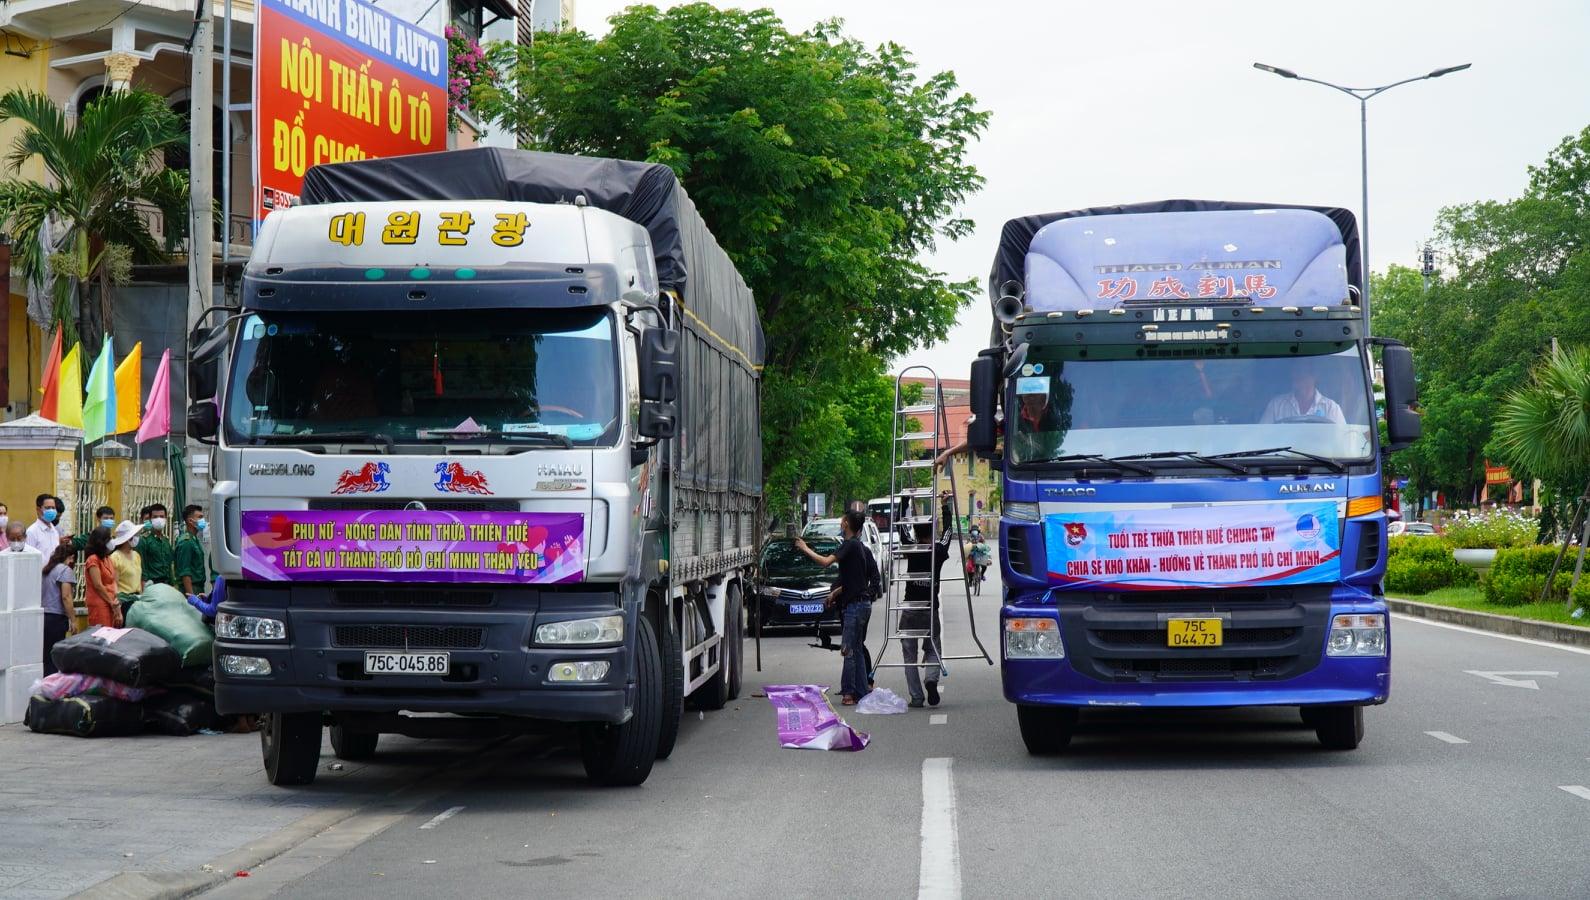 Xe vận chuyển hàng hóa thiết yếu được ưu tiên qua các chốt kiểm soát dịch bệnh.